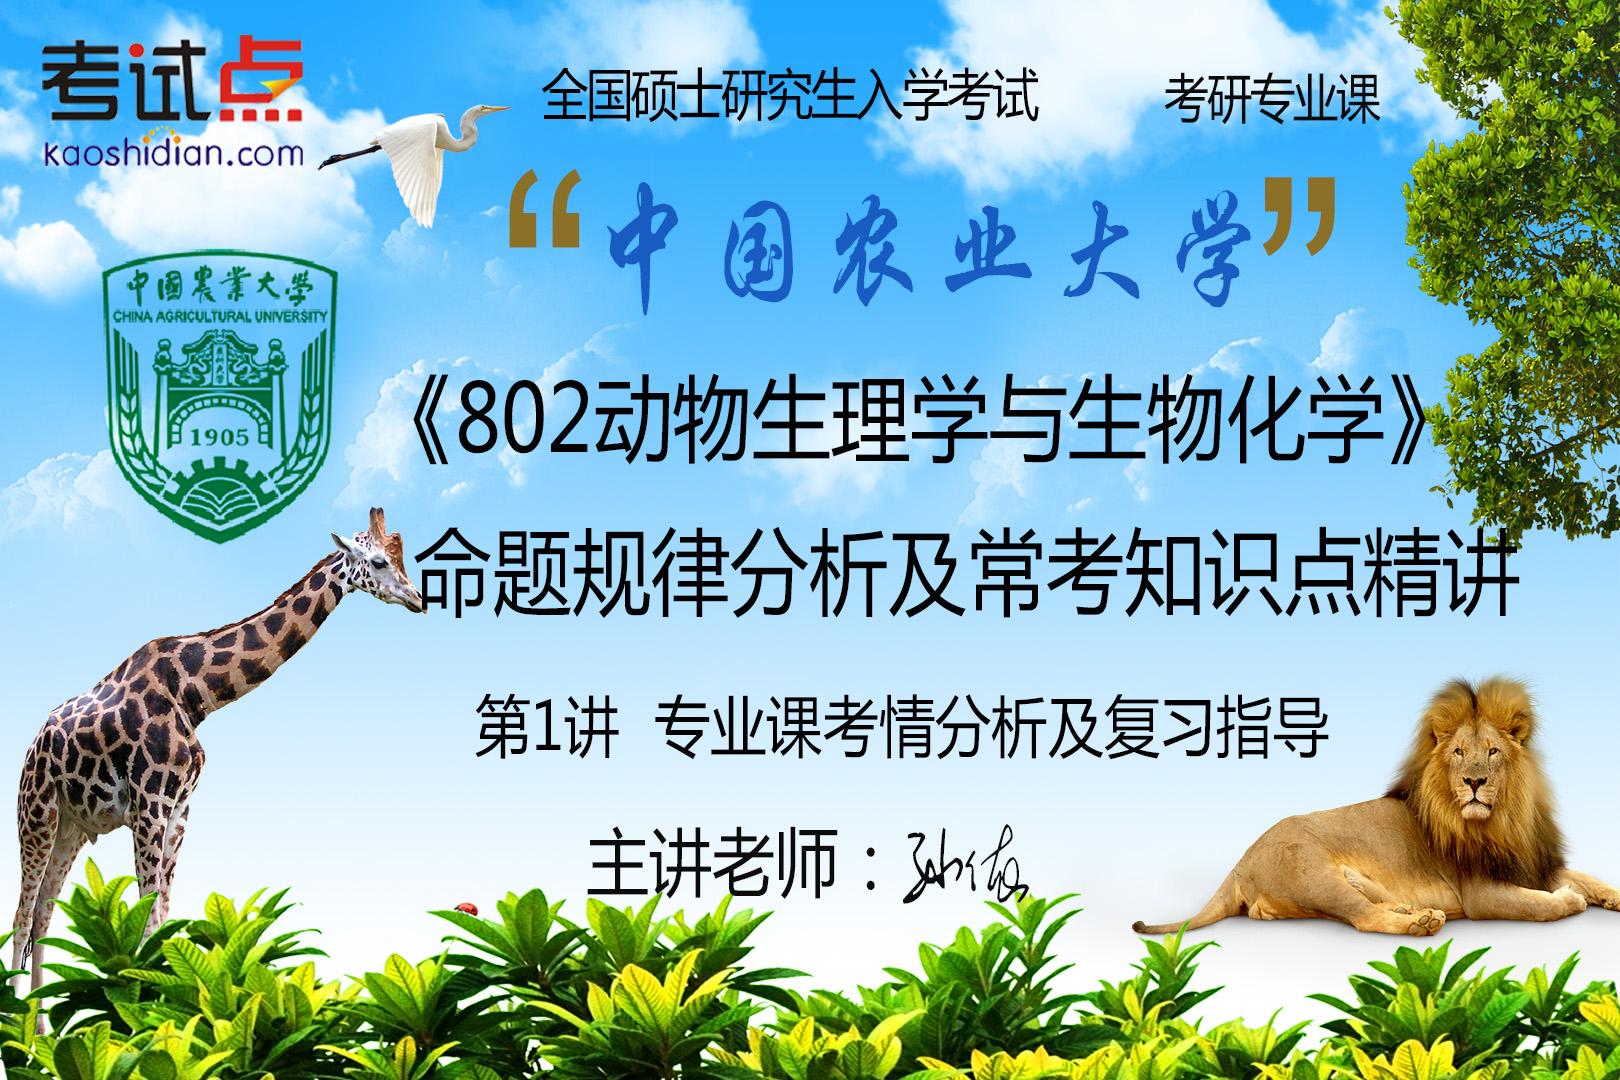 中国农业大学《802动物生理学与生物化学》命题规律分析及常考知识点精讲